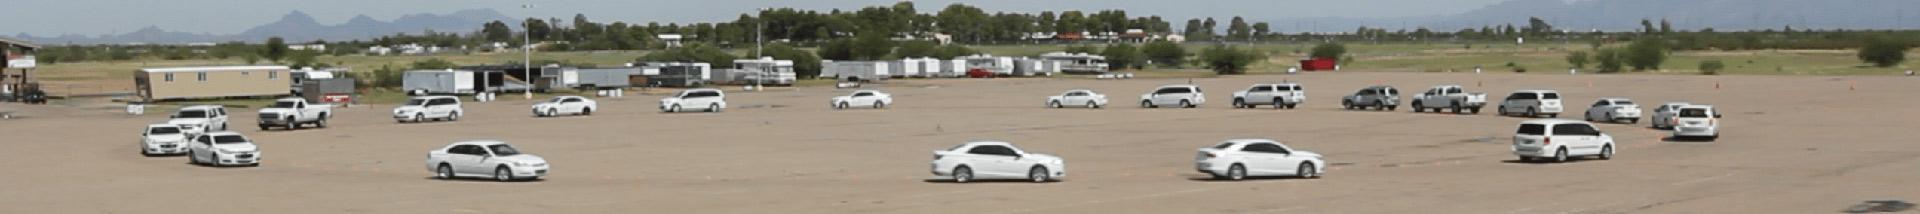 Даже 5% беспилотных автомобилей сильно увеличивают пропускную способность дорог - 2